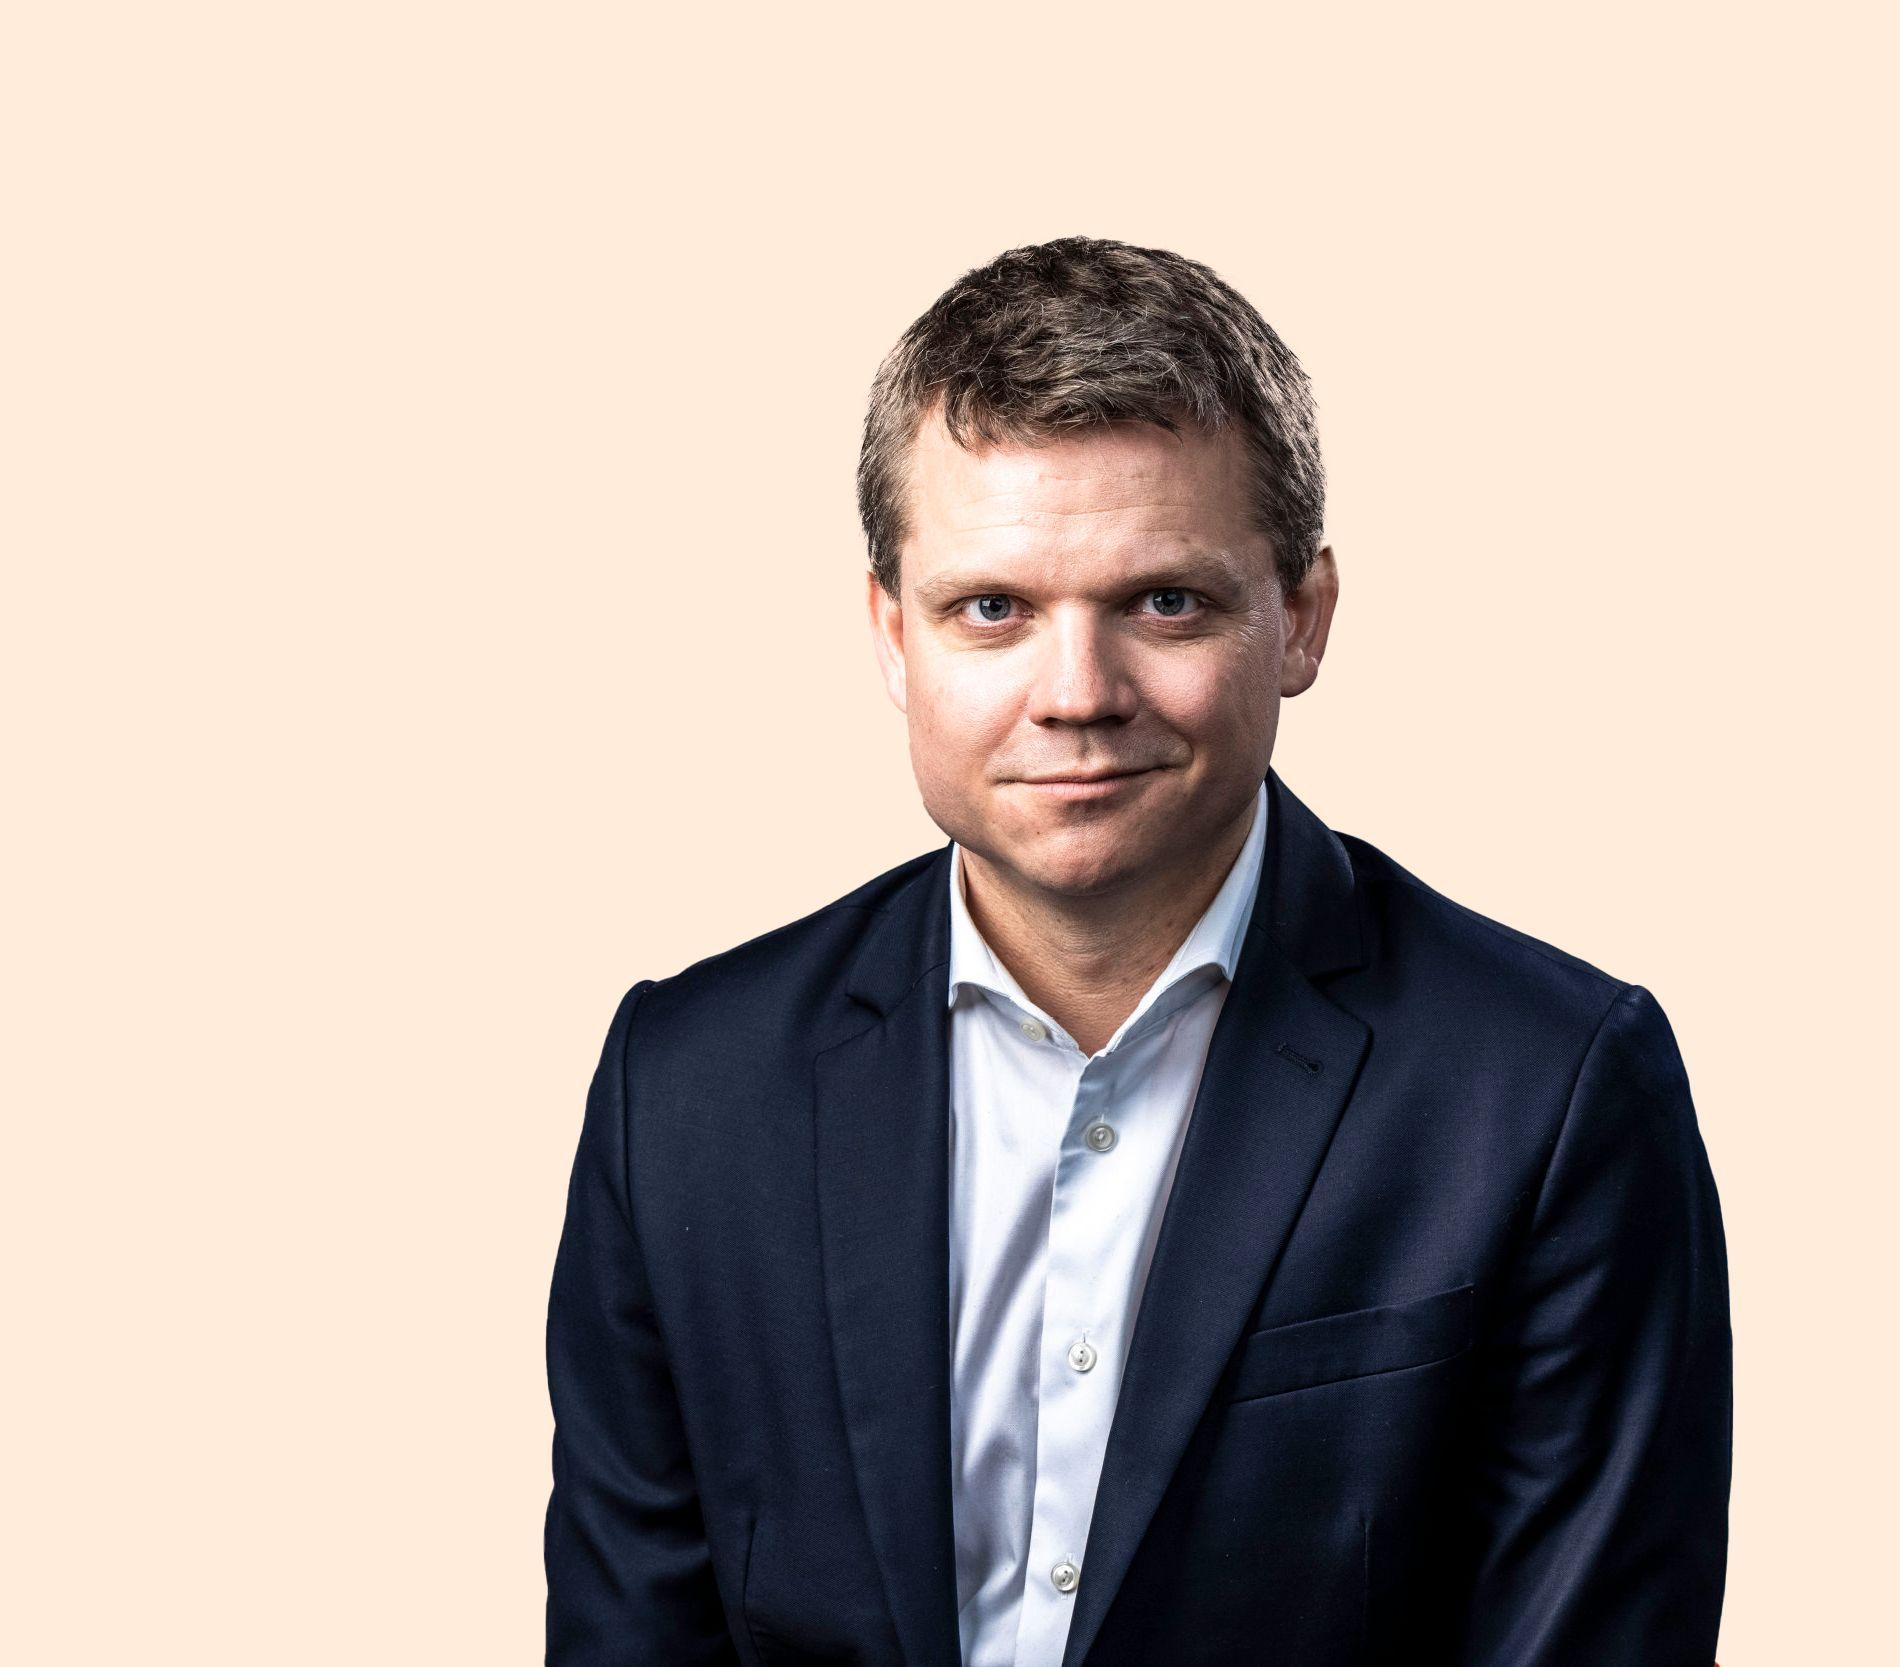 Lars Håkon Grønning